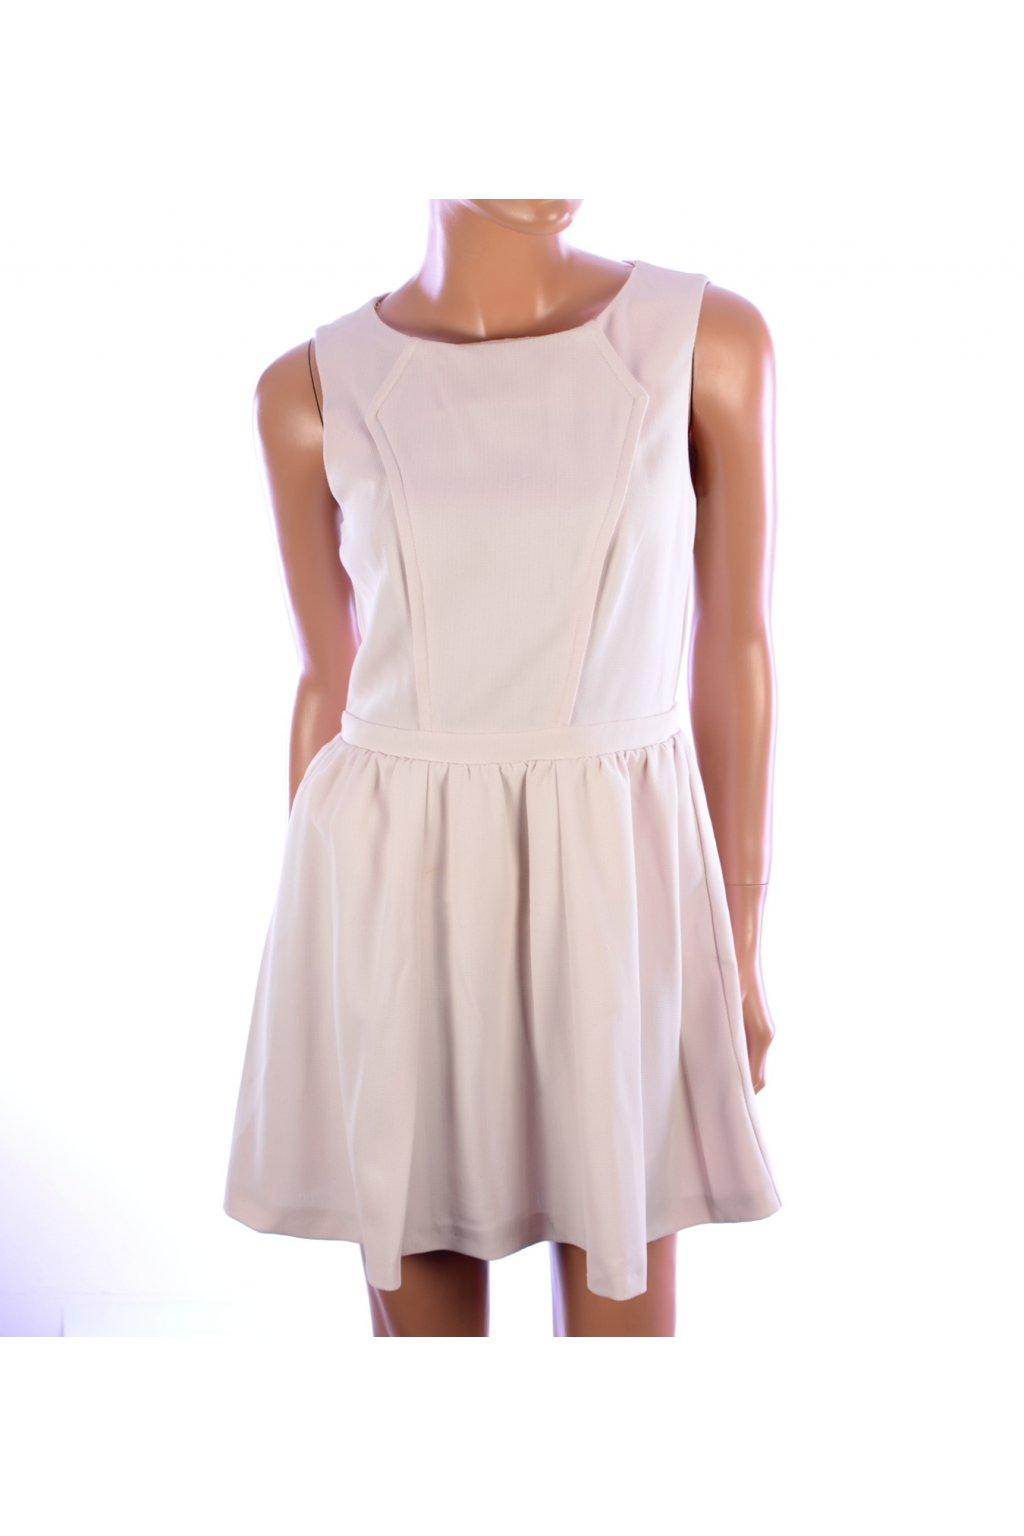 Šaty světle růžové Topshop vel. 38 / uk 10 / S @